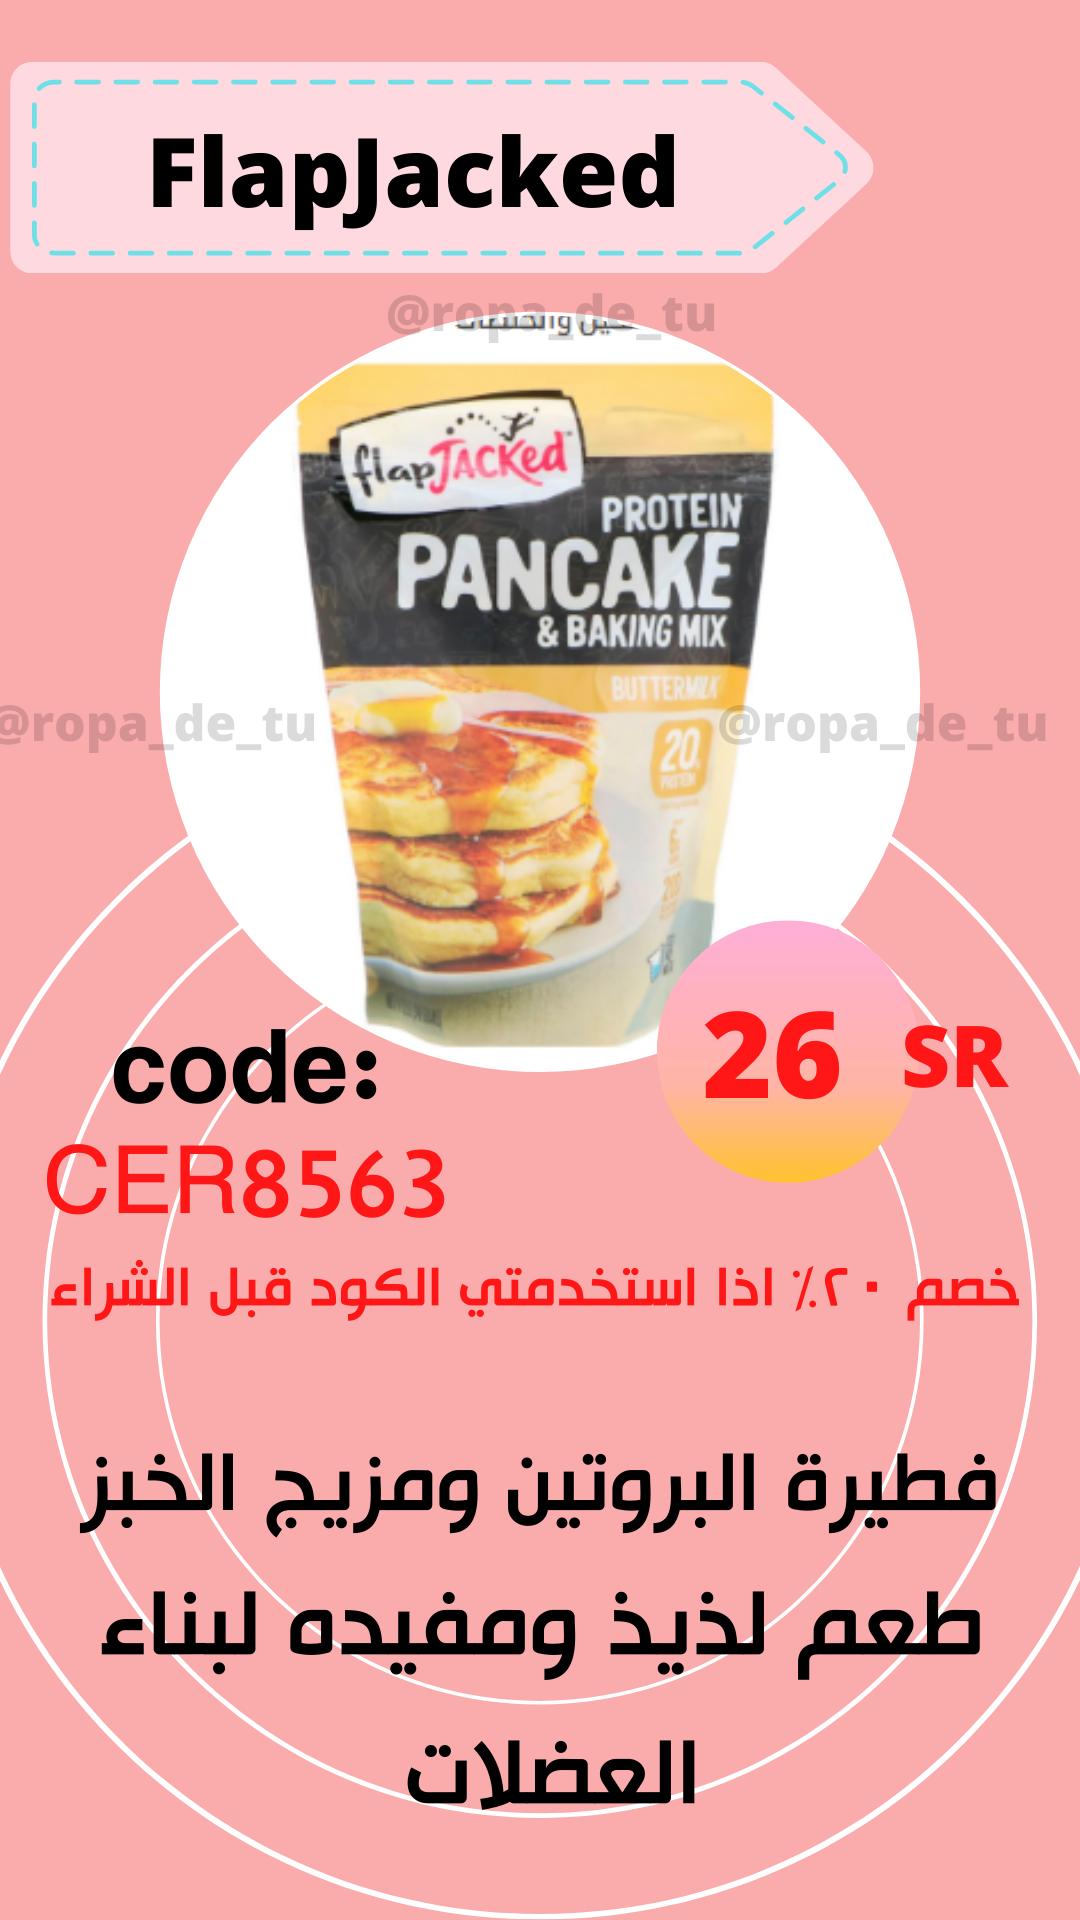 بان كيك Protein Pancakes Baking Mix Baked Pancakes